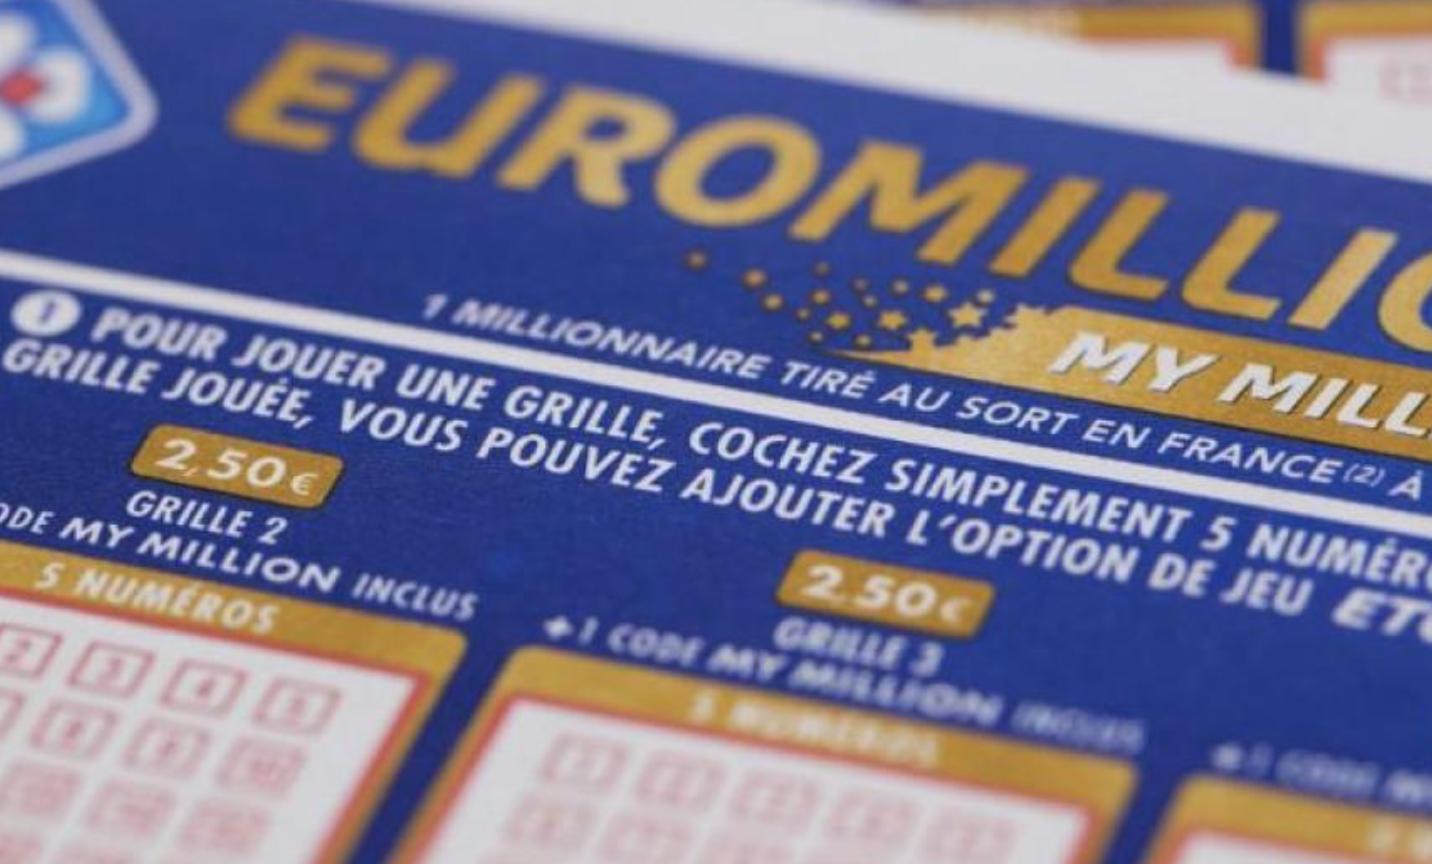 Jackpot de l'EuroMillions : toujours non remporté, le prochain tirage record de 210 millions d'euros aura lieu ce mardi - CNEWS